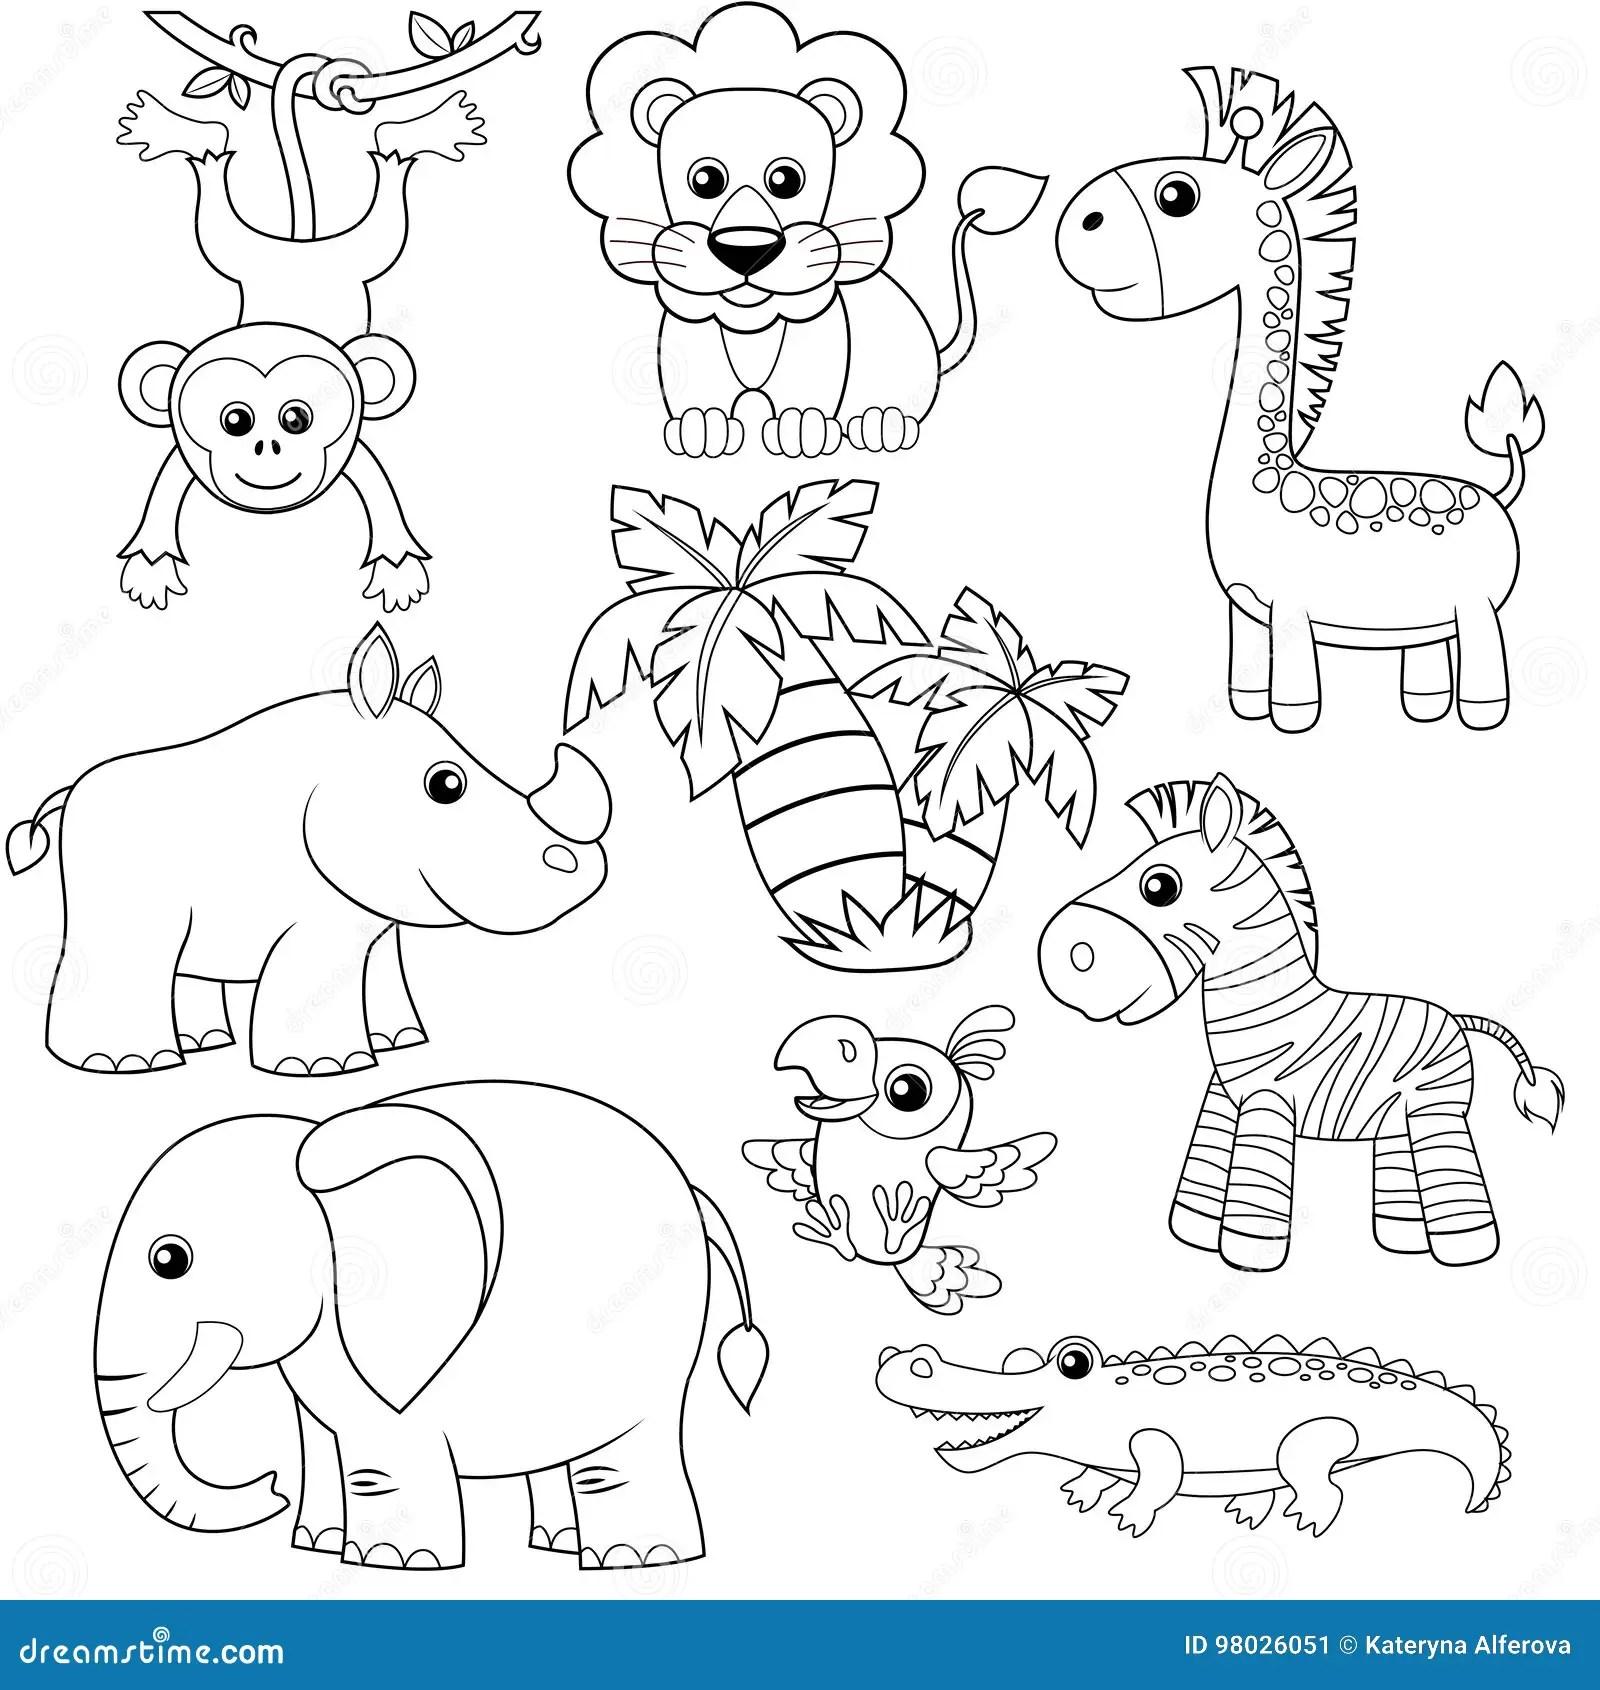 Animales De La Selva Leon Elefante Jirafa Mono Loro Cocodrilo Cebra Y Rinoceronte